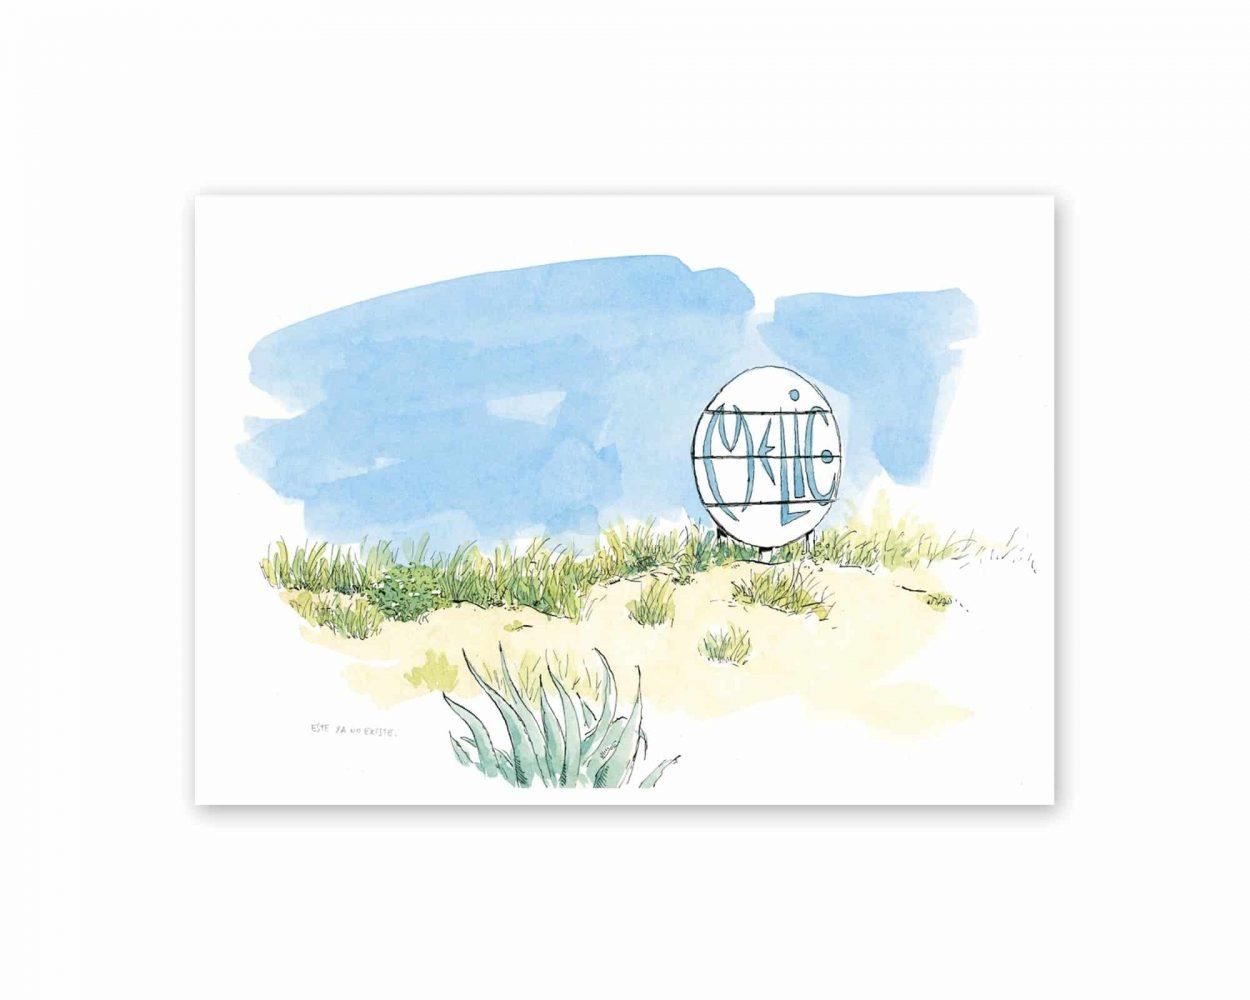 Lámina con acuarela del xiringuito melic en la playa de oliva, valencia